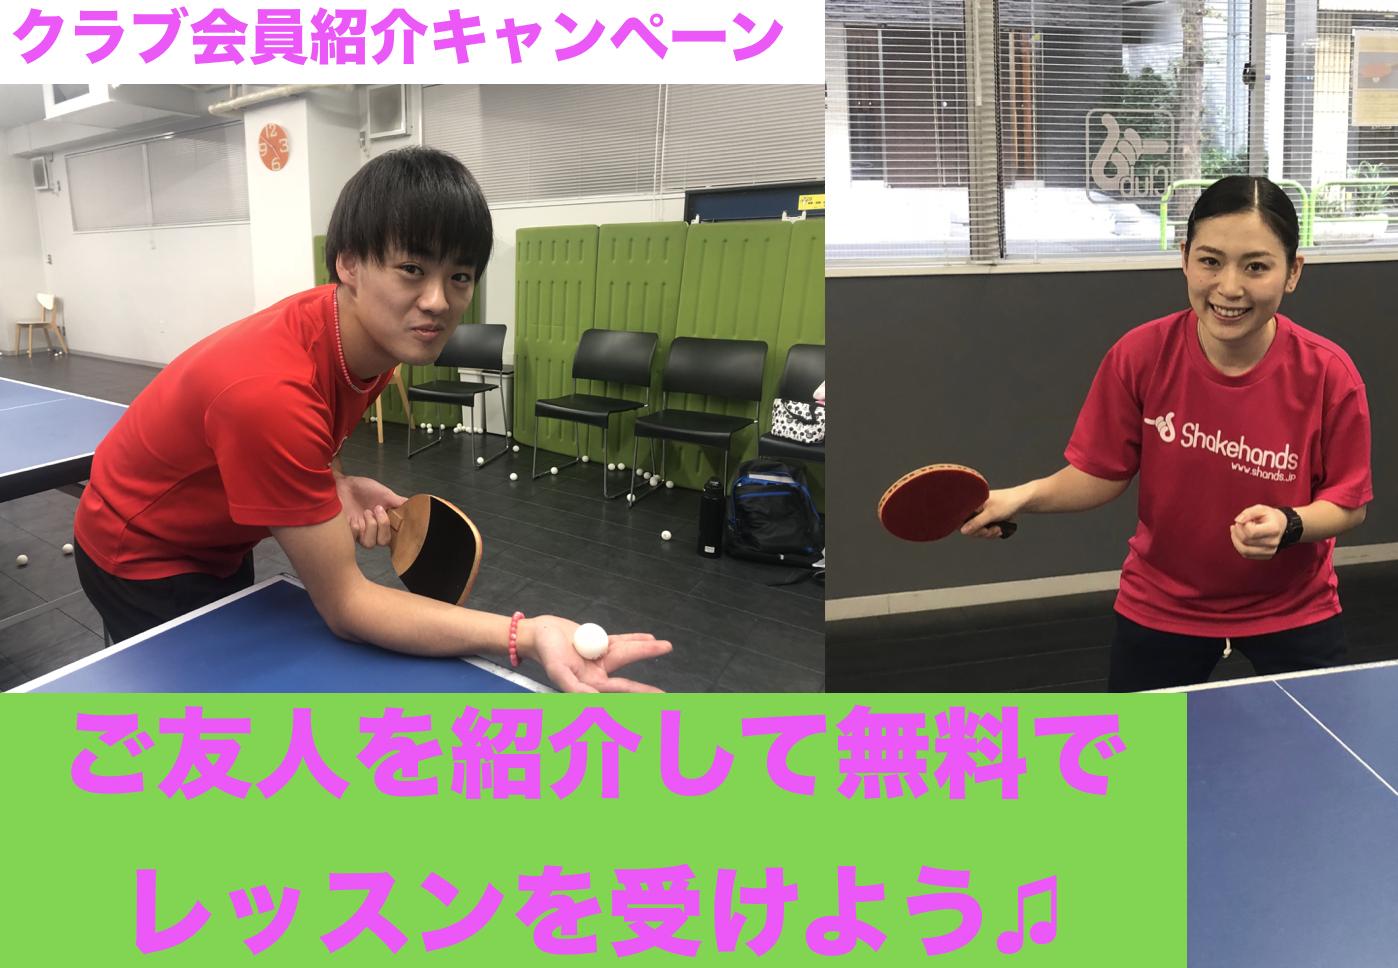 【期間限定!】シェークハンズクラブ会員紹介キャンペーン